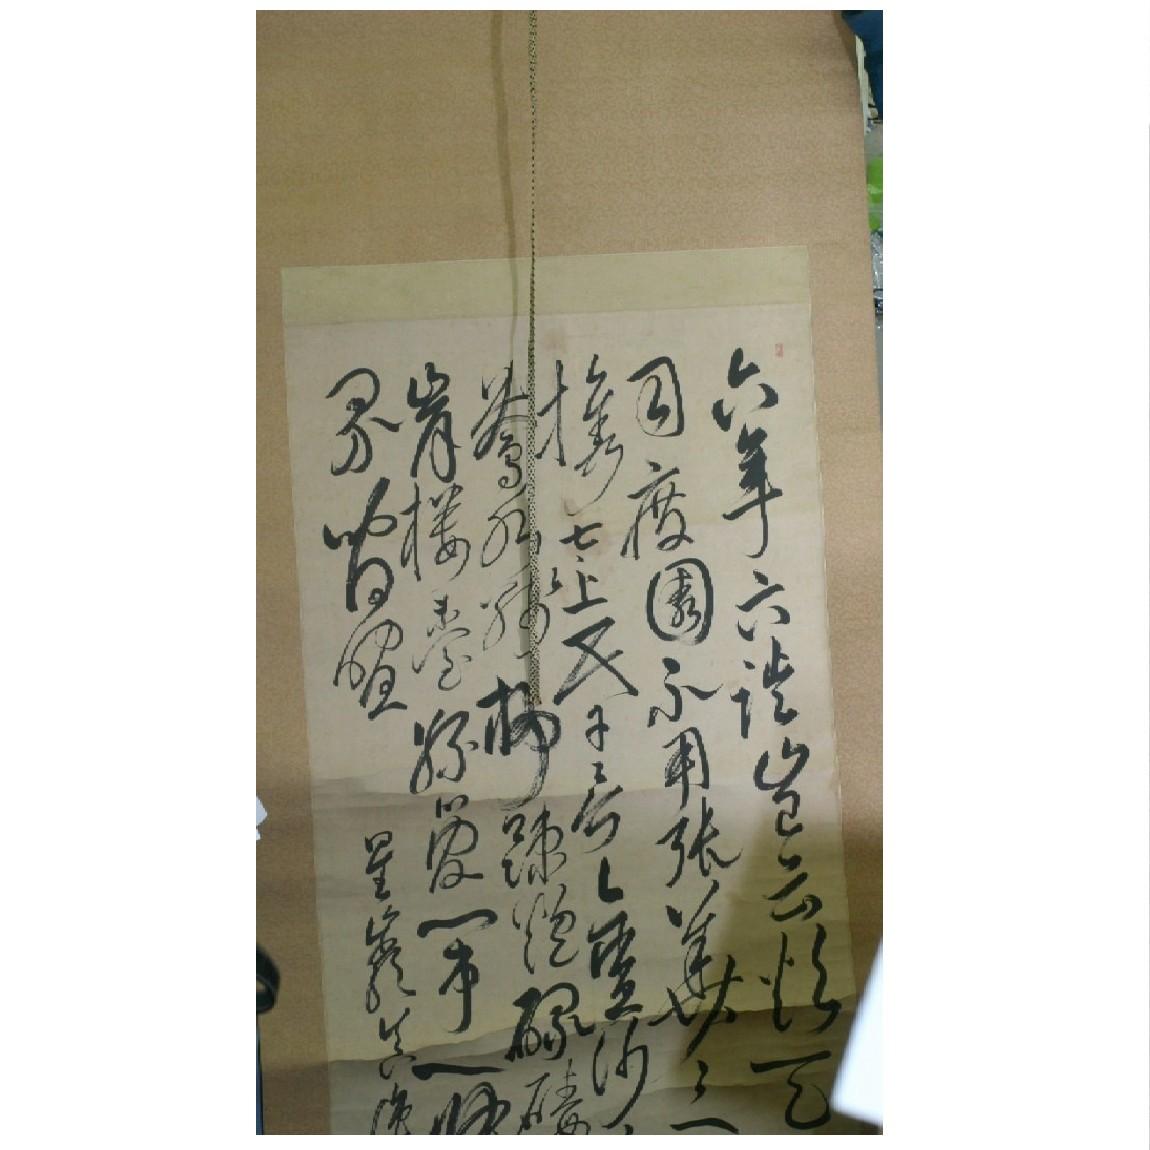 【中古】本物桐の箱に梁川星巌先生詩書七律と書かれた結構古い幅の広い掛け軸 サイズ210x80cm 290408-D